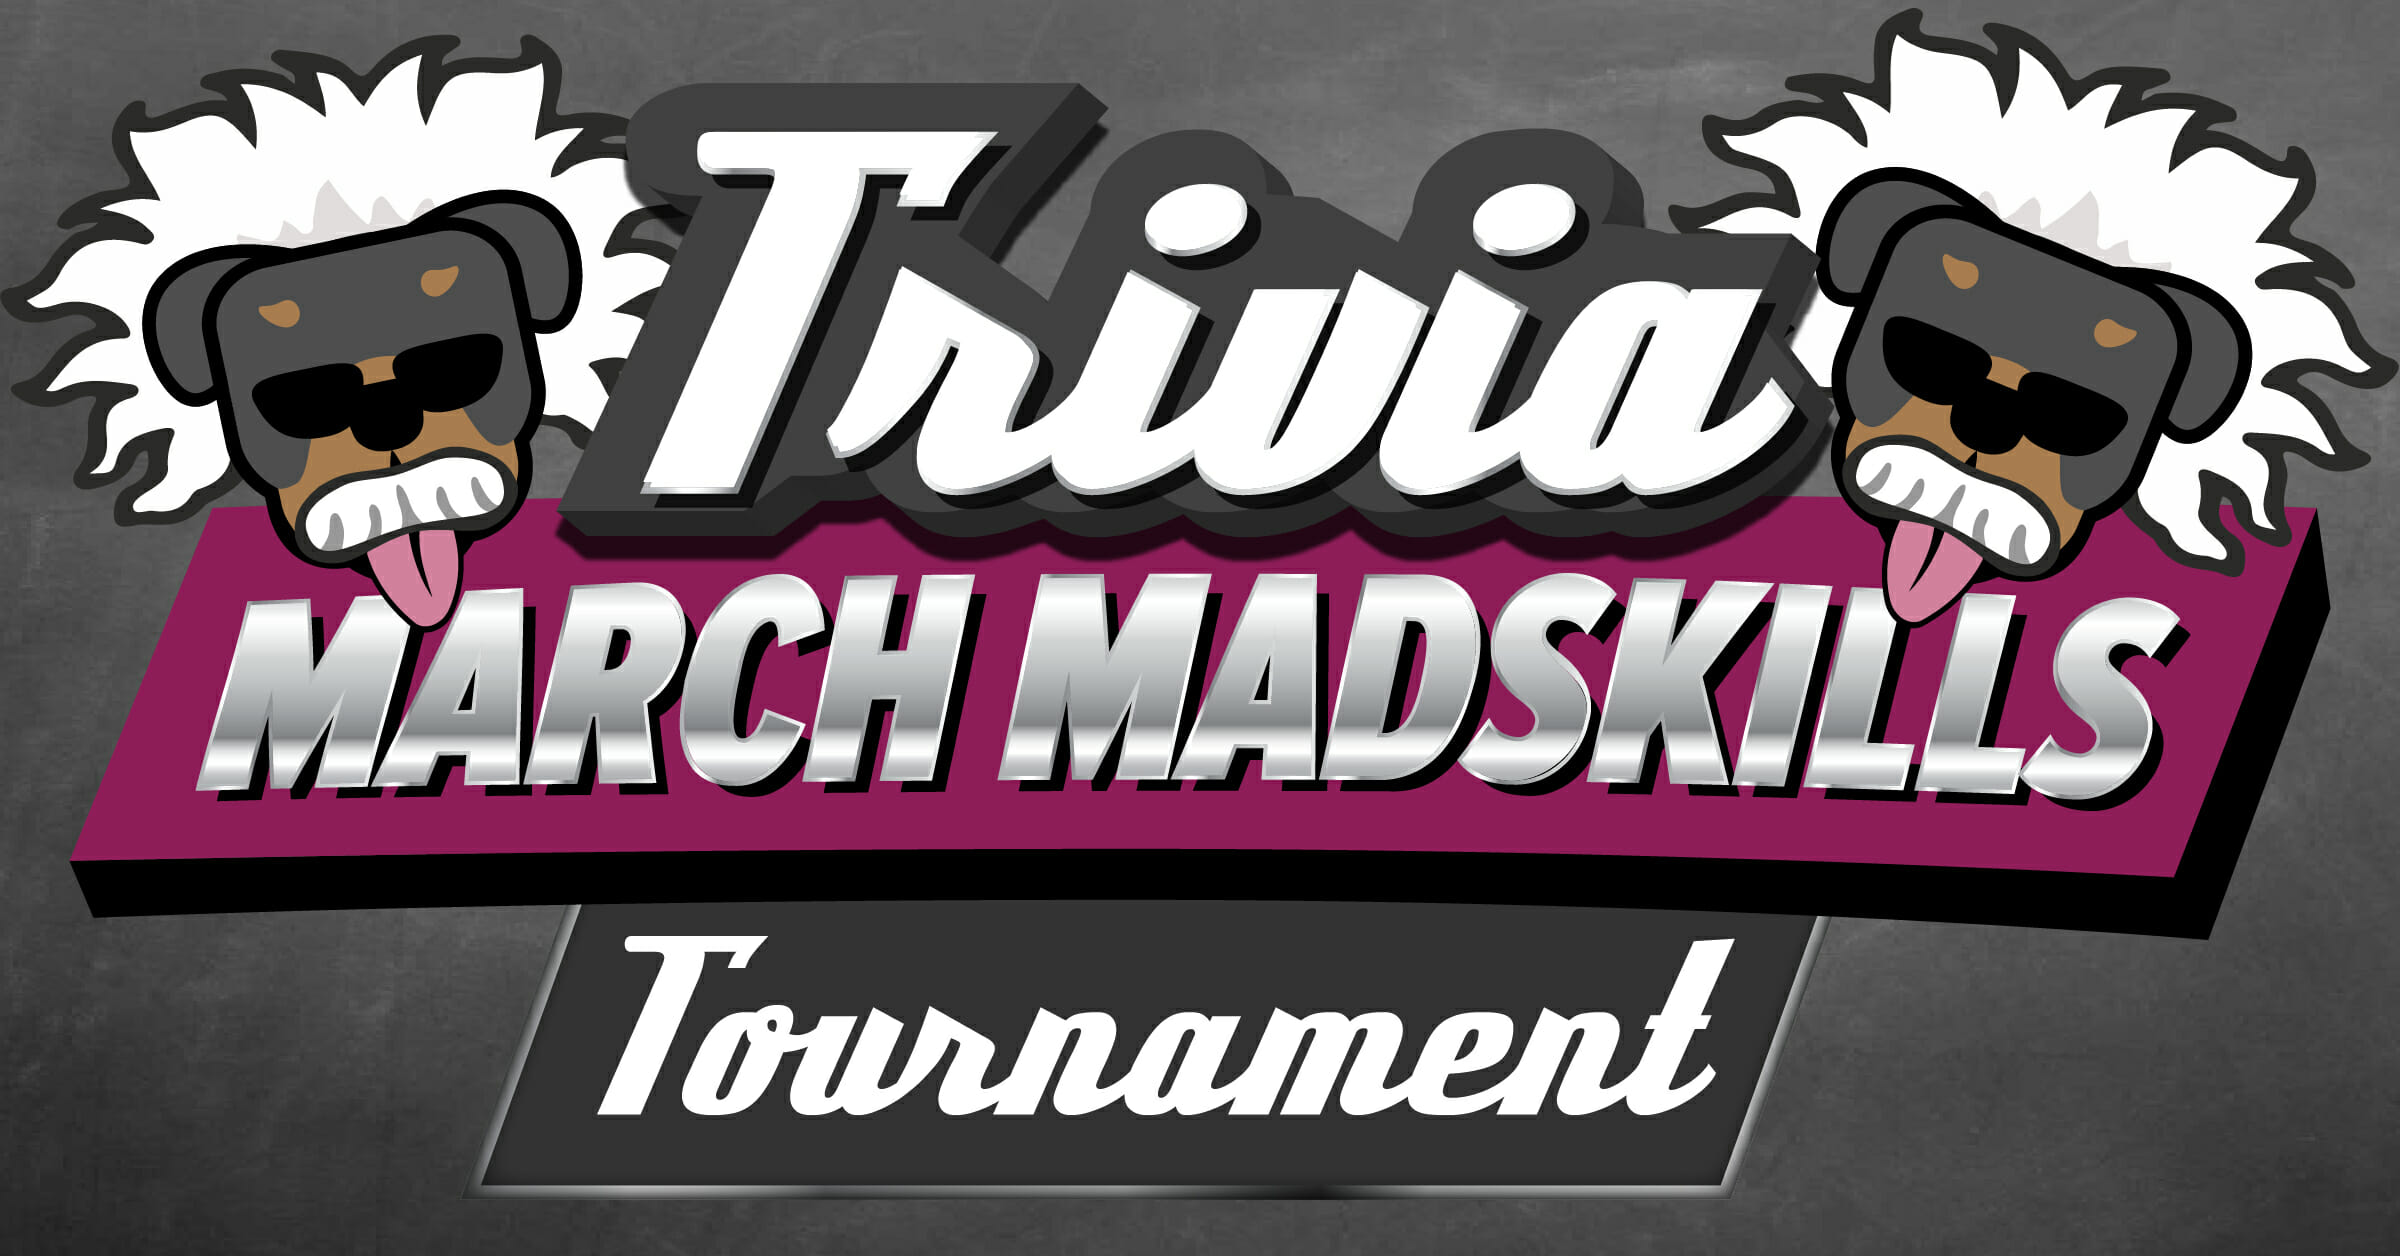 March Madskills Trivia Tournament